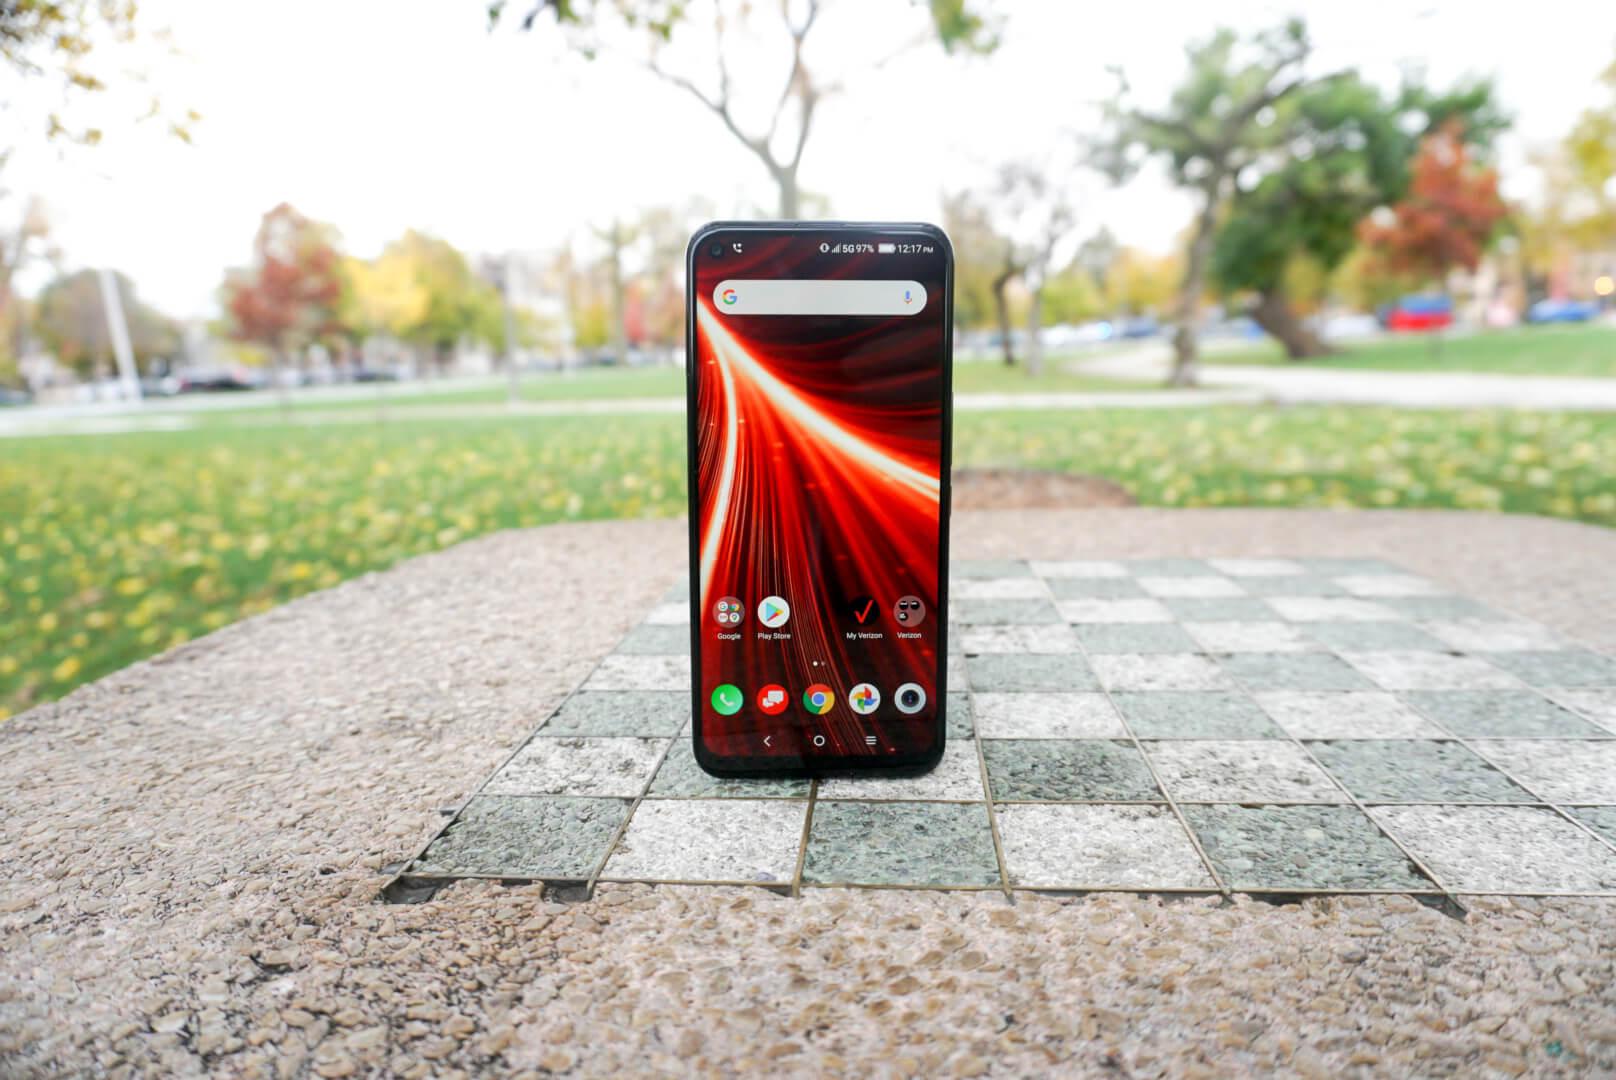 بهترین گوشی های ارزان قیمت سال 2021 - TCL 10 5G UW